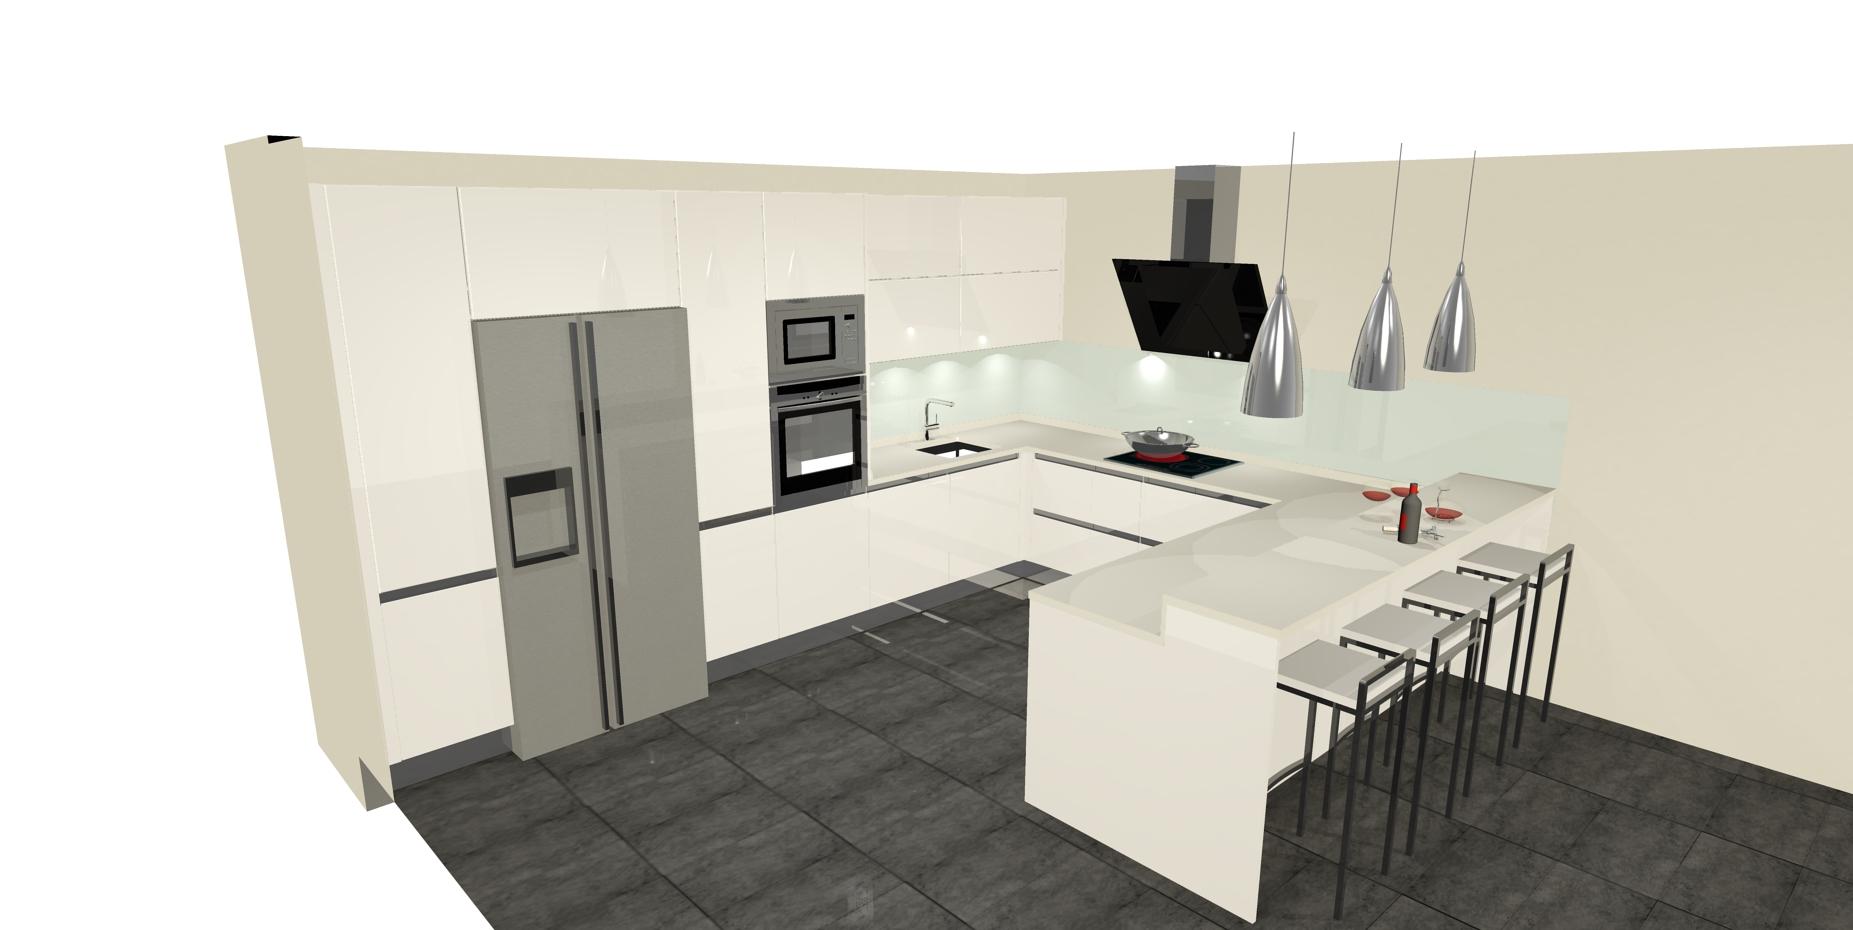 Dise os de cocinas con pen nsula cocinas artnova sevilla for Diseno cocina en l